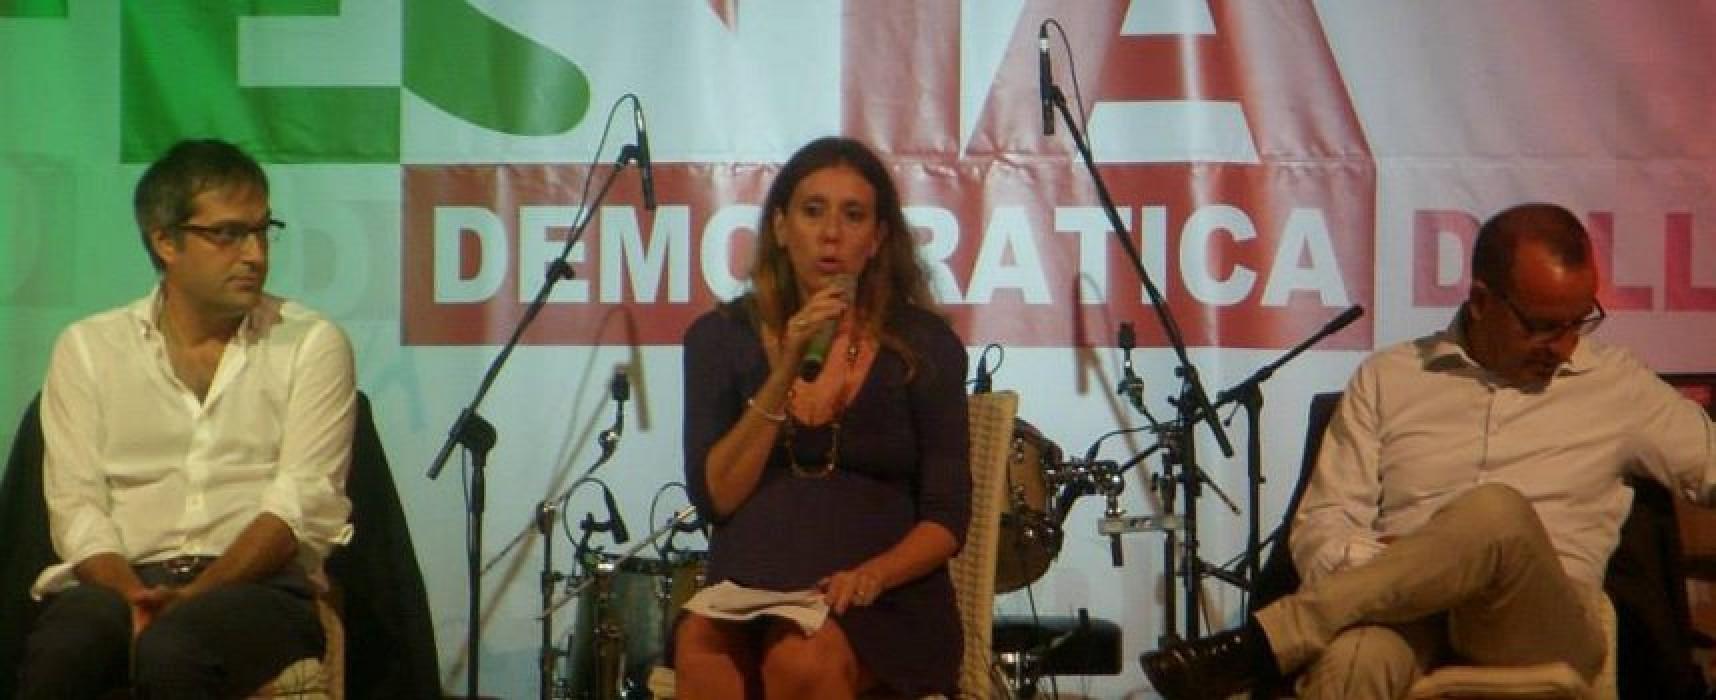 """La segretaria PD Rigante replica a Valente: """"Nessuna risposta in merito alle segnalazioni del PD"""""""